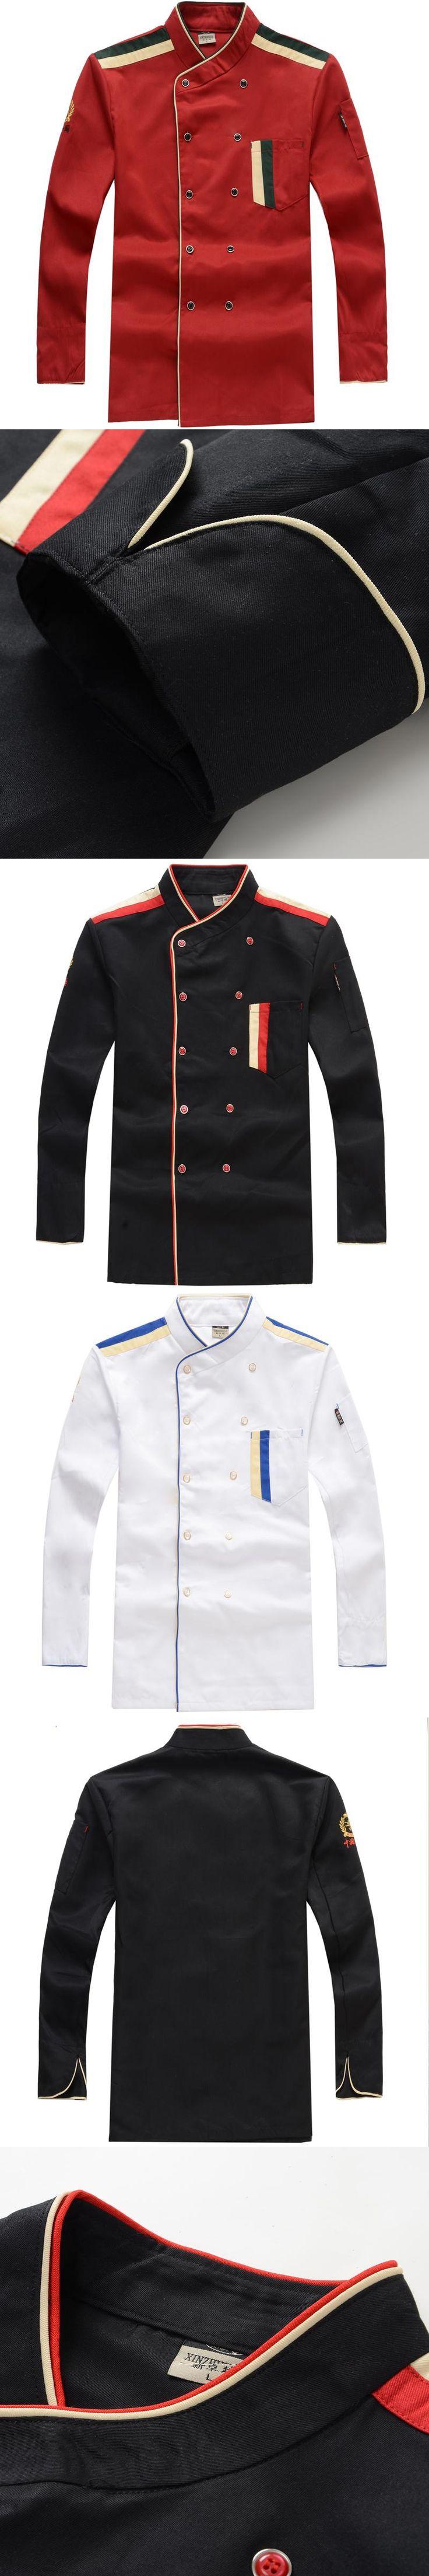 Chef's Uniform  Long Sleeve Work Wear  Western Restaurant Hotel Kitchen Uniform Hotel Chef Uniform Black/red/white